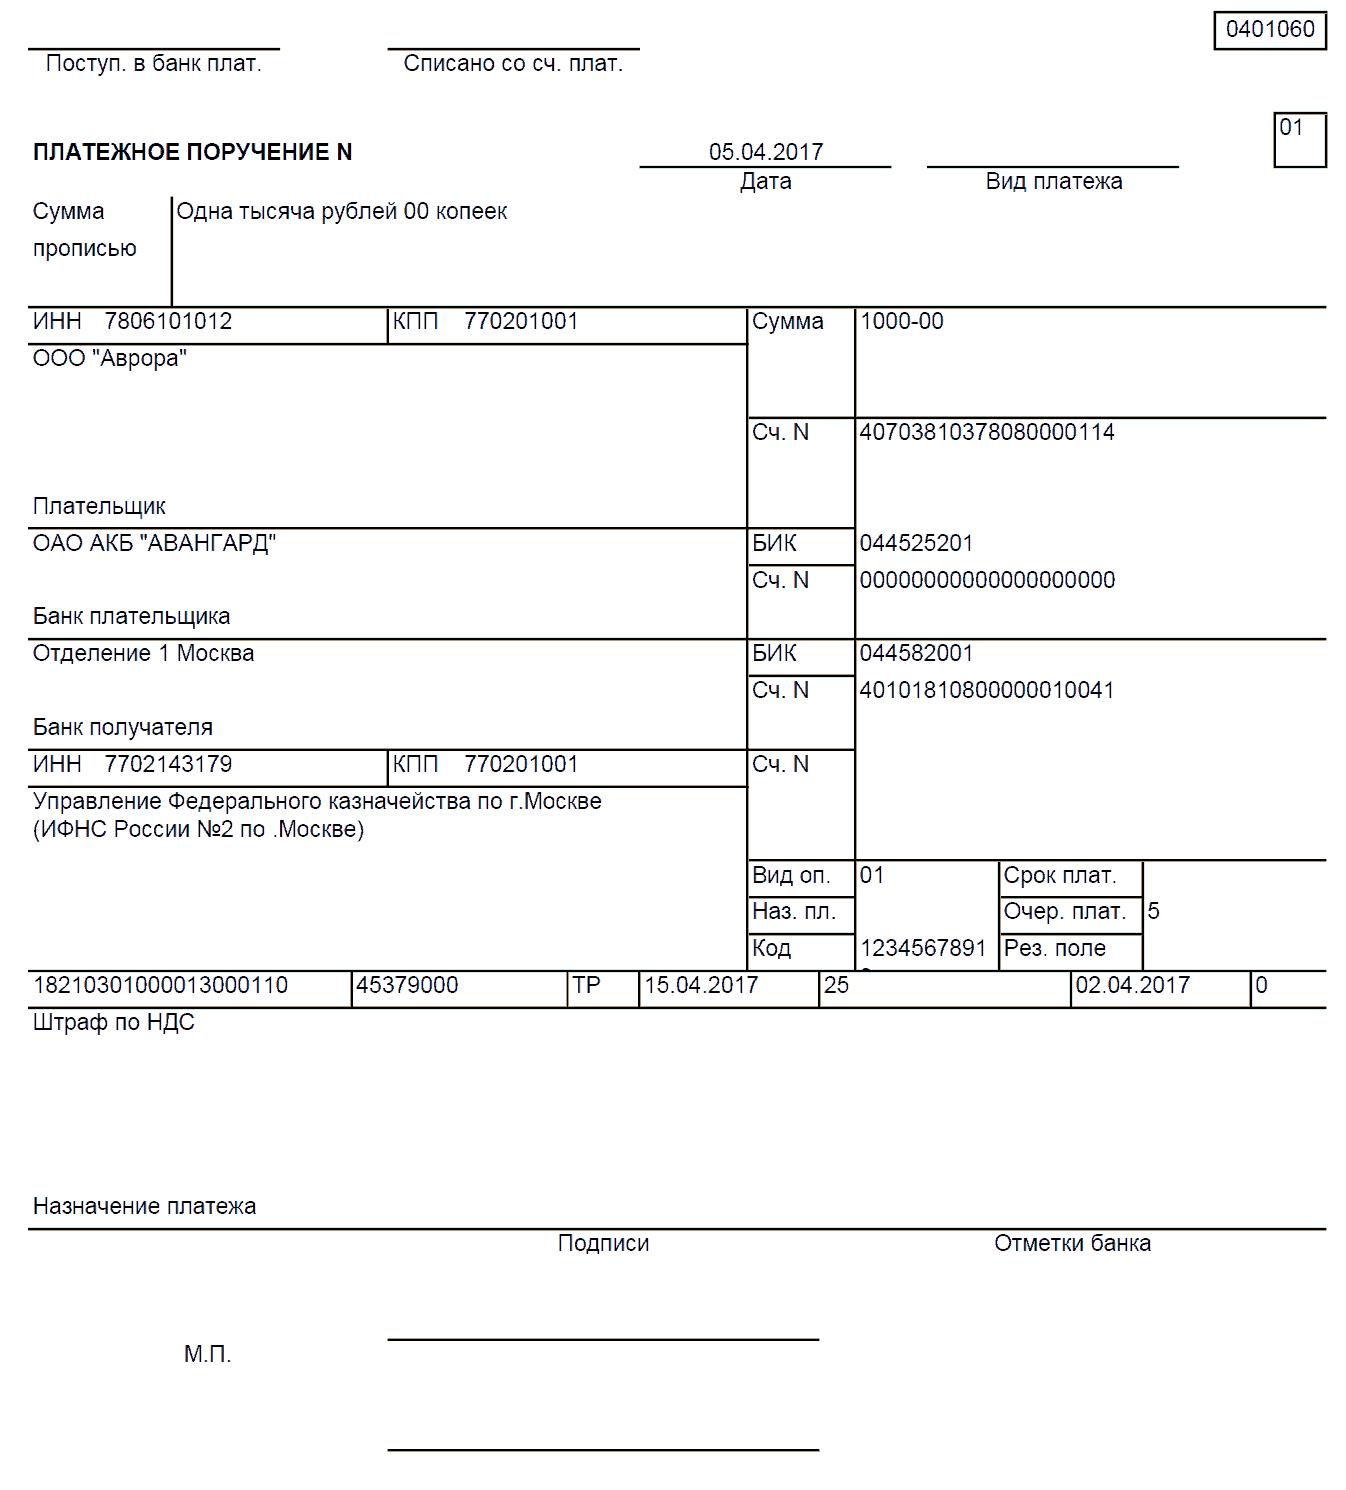 образец назначения платежа по штрафу пфр за несвоевременную сдачу сзв-м